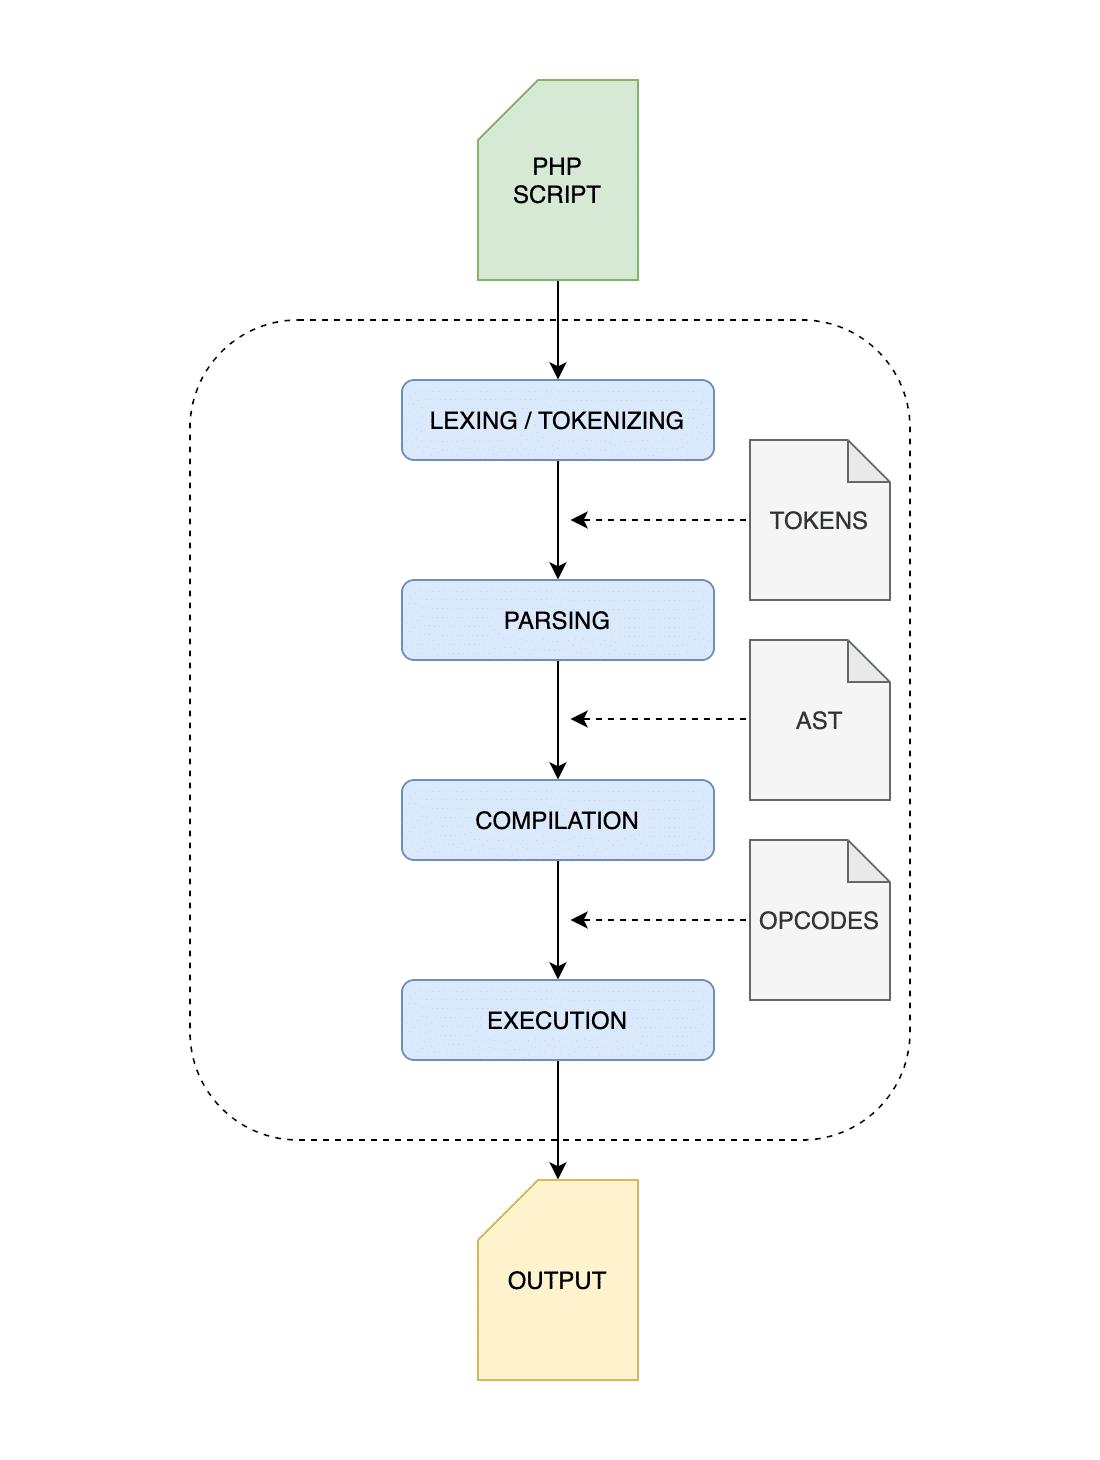 Grundlegender PHP-Ausführungsprozess